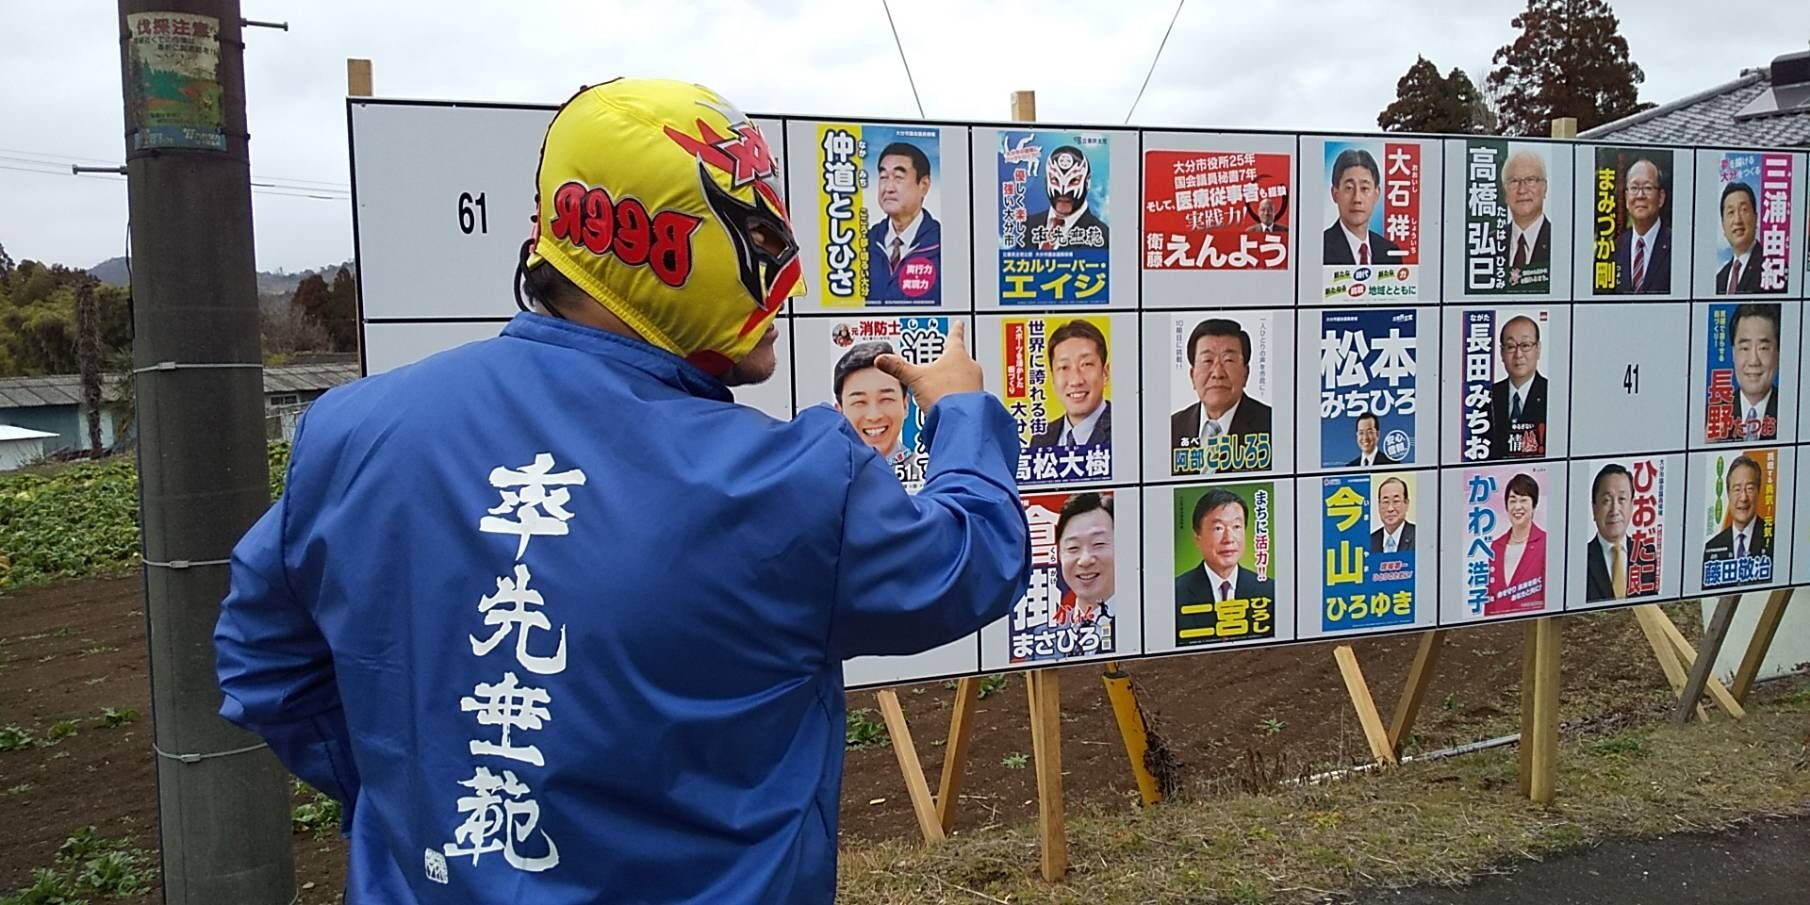 選挙 大分 市議会